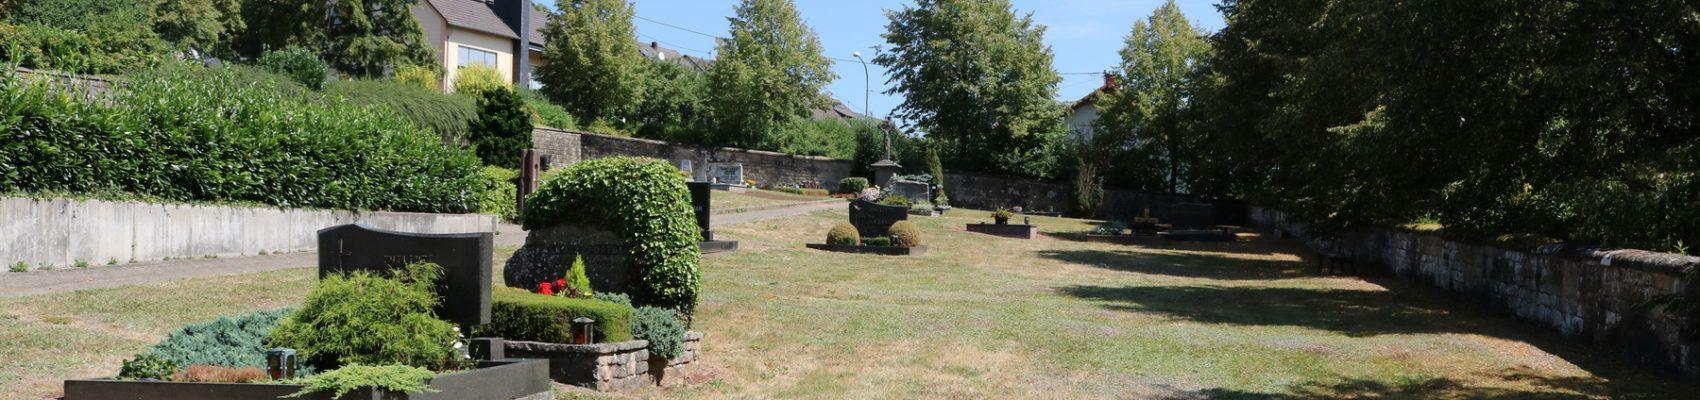 Friedhof Mondorf